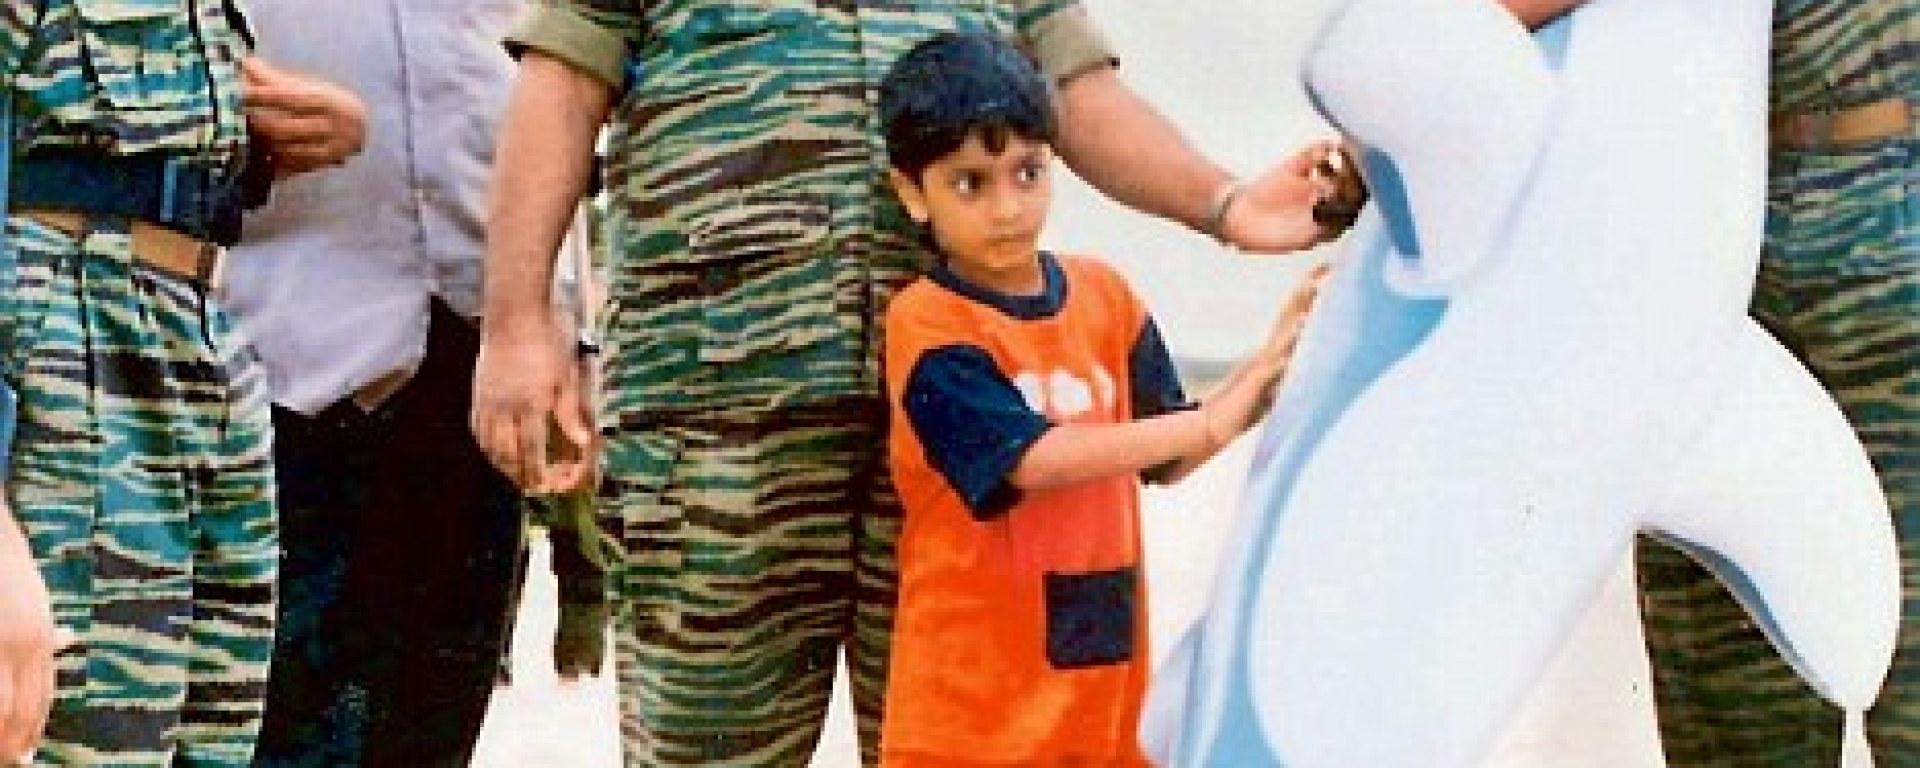 New Photographs Show LTTE Leader Prabhakarans Son Before